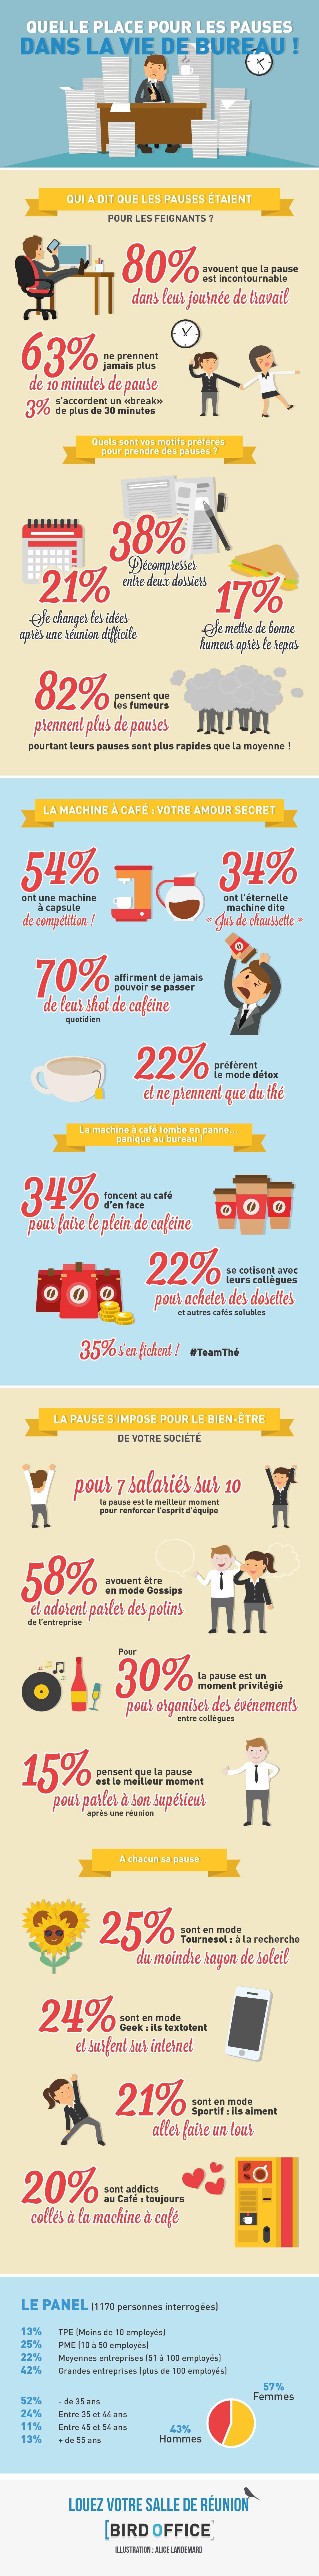 infographie-pauses-au-bureau